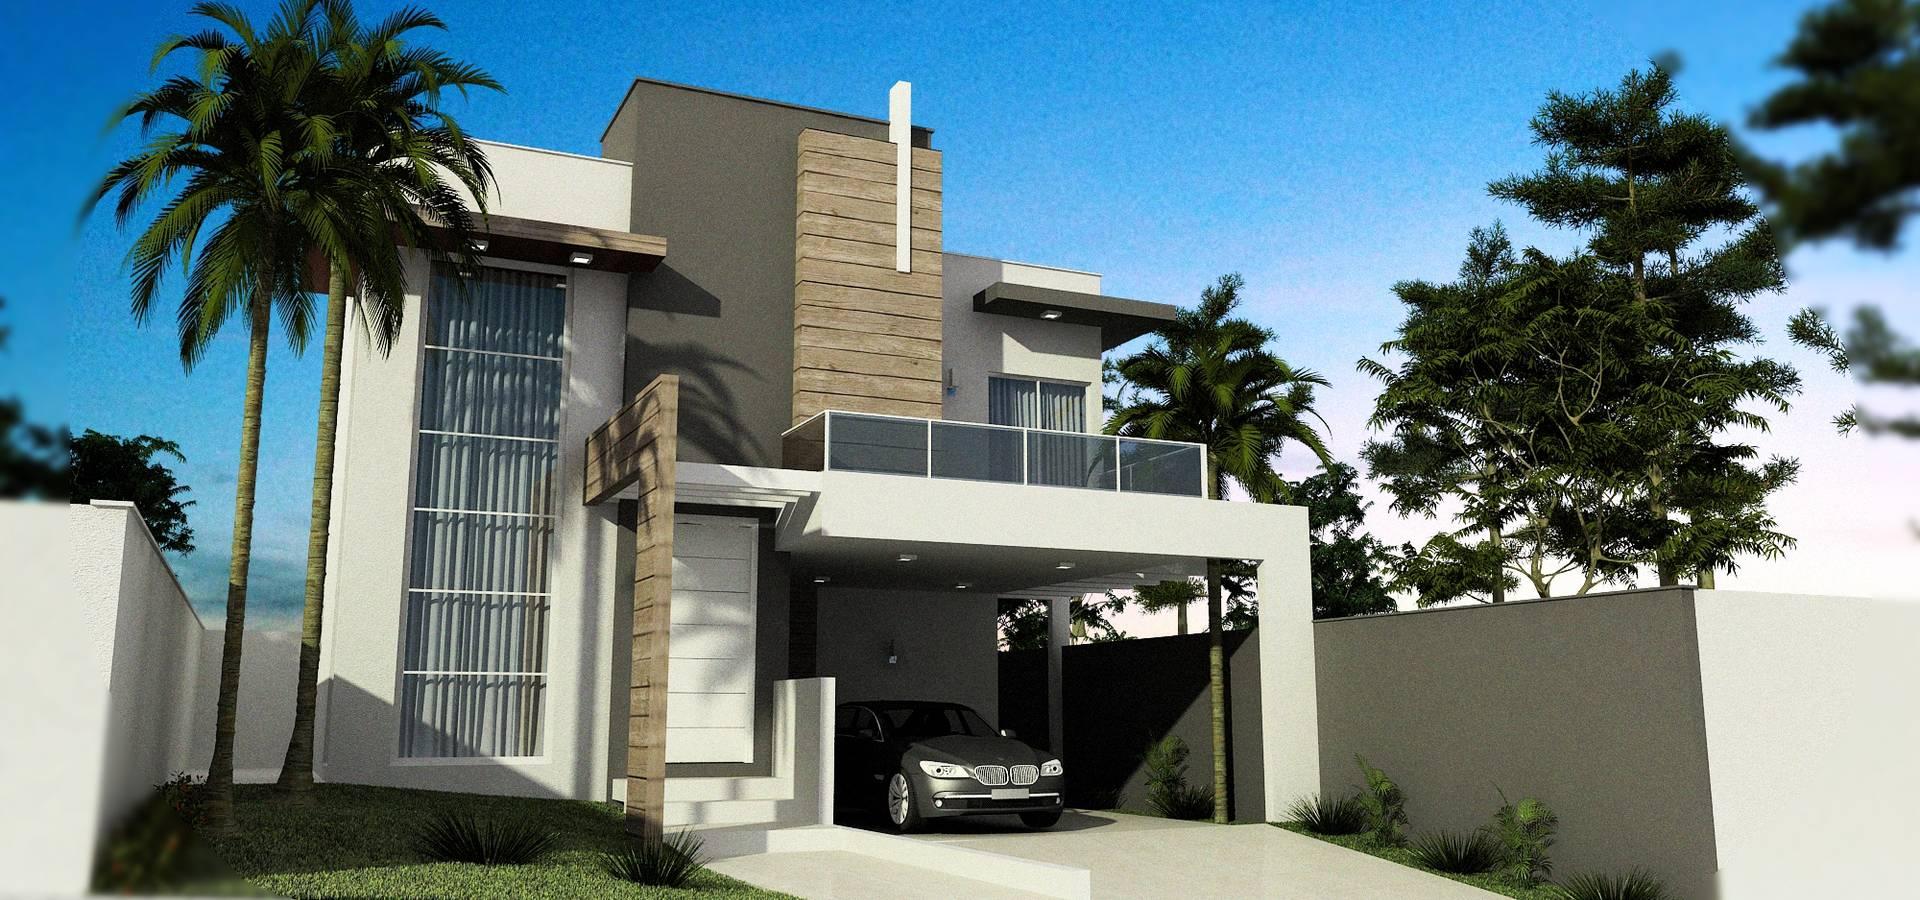 valente arquitetura e construção